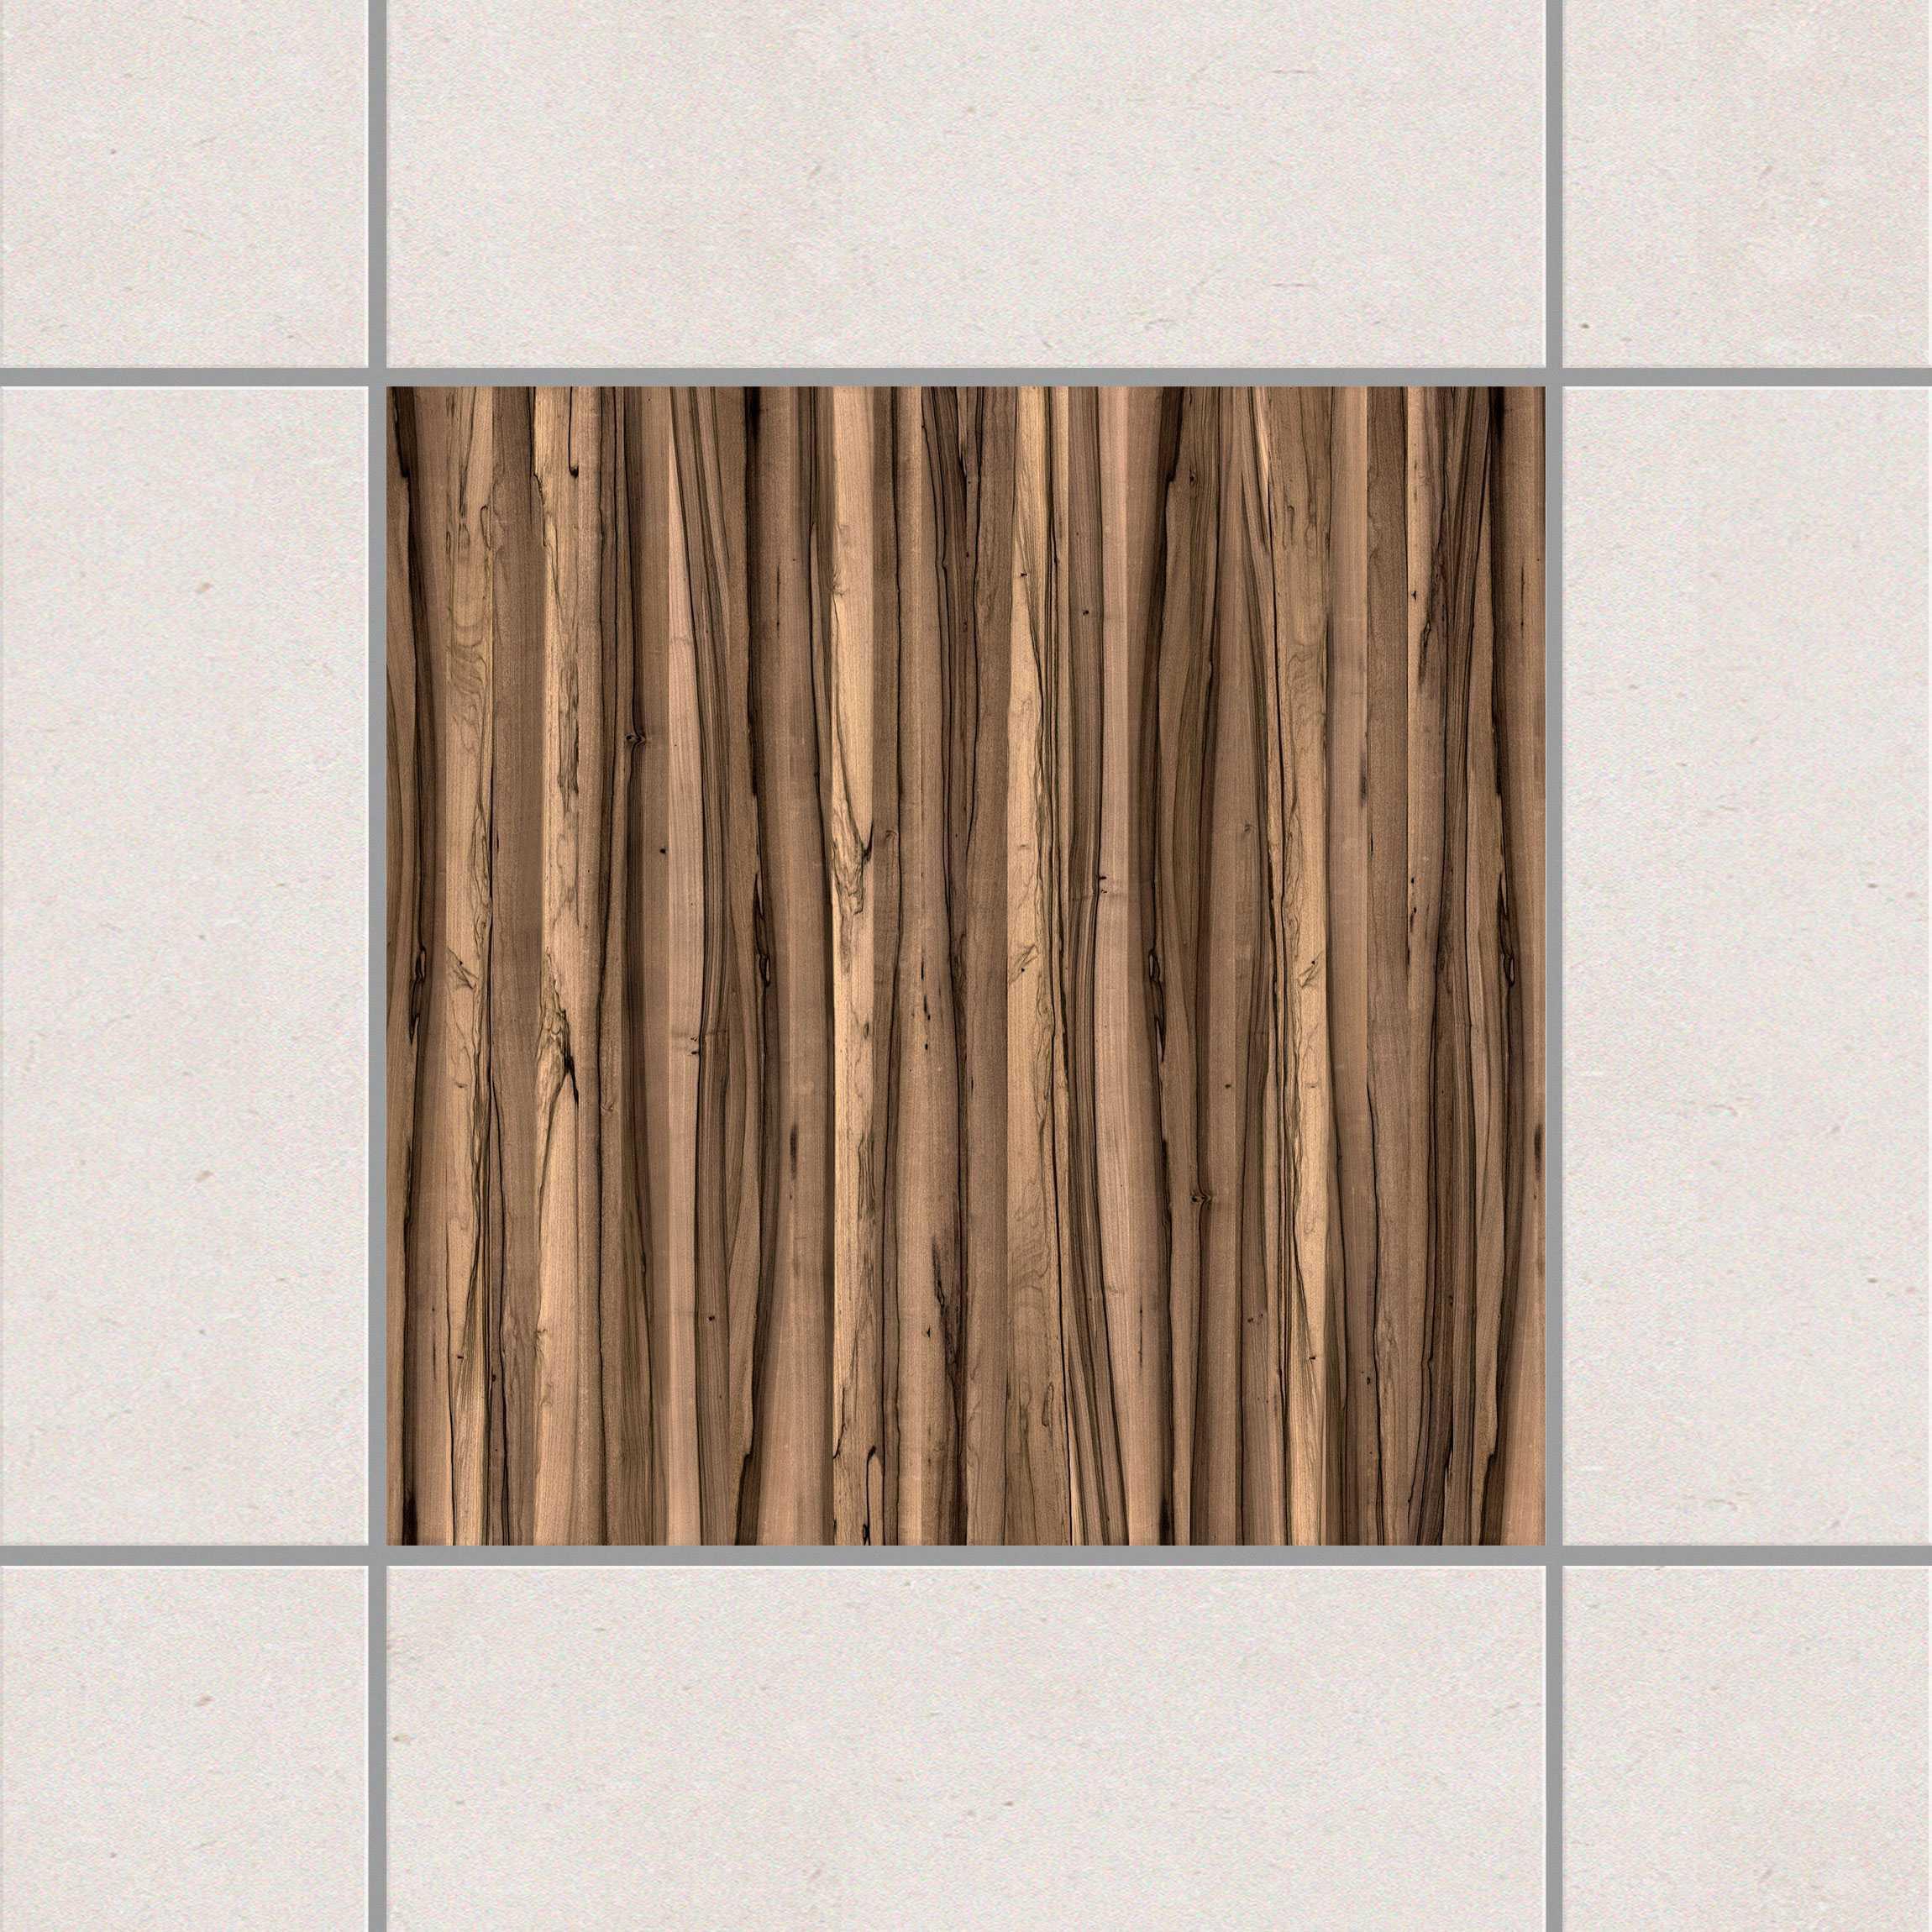 Fliesenaufkleber arariba 15x15 cm fliesensticker set for Fliesensticker 15x15